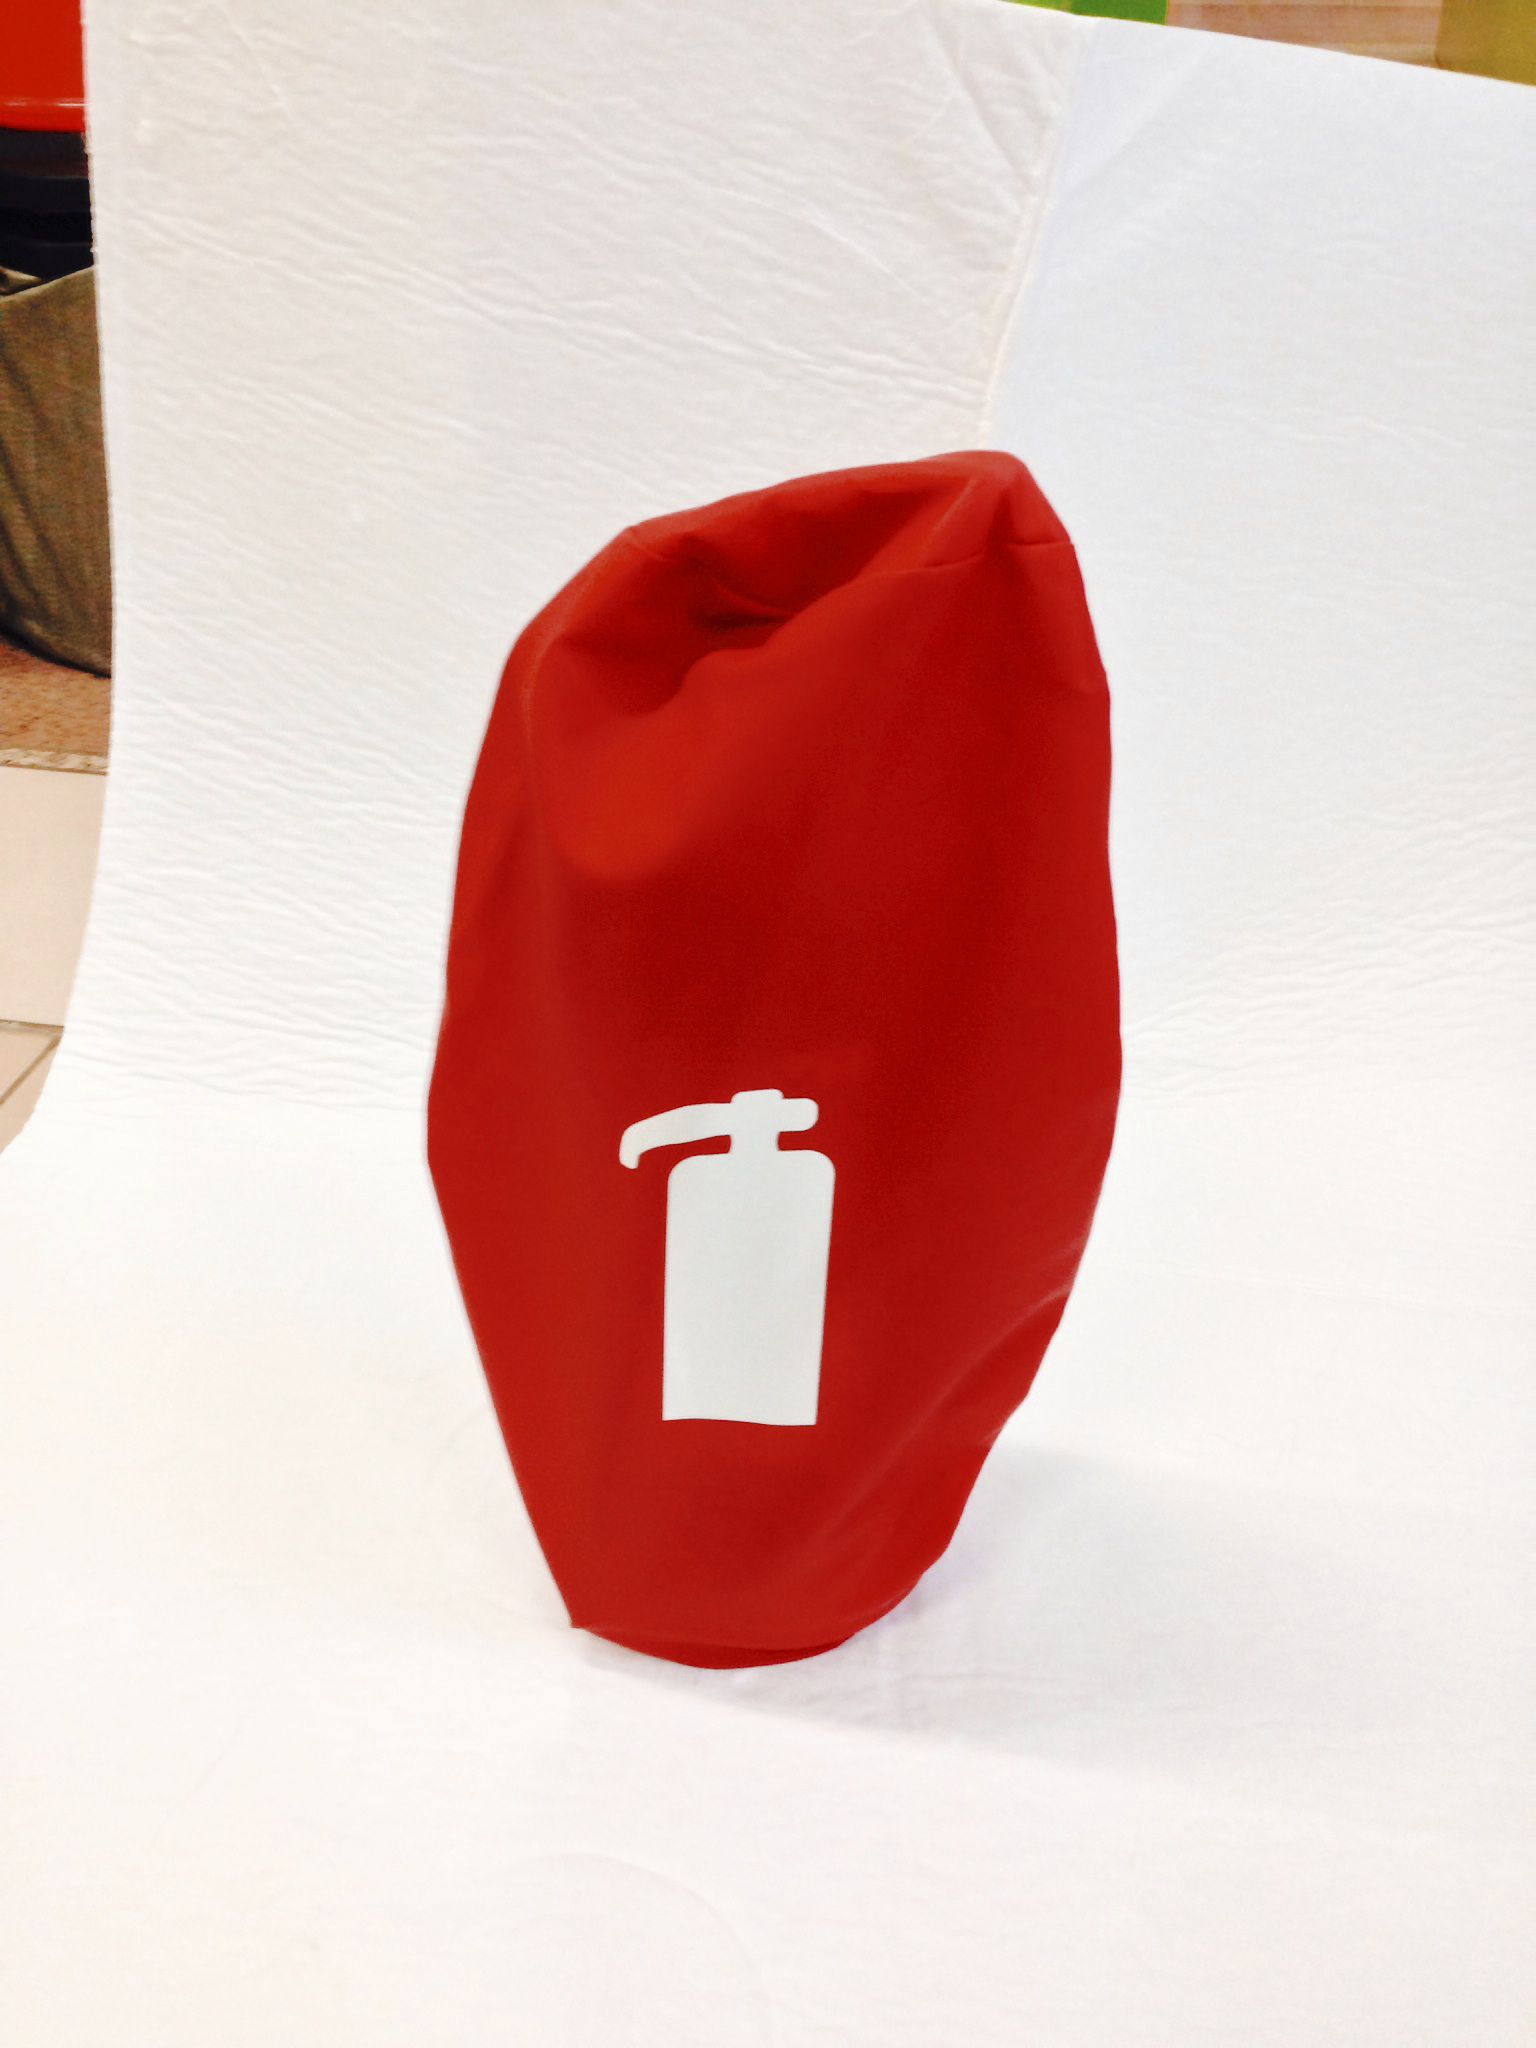 sarkans pārklājs ugunsdzēsības aparātam